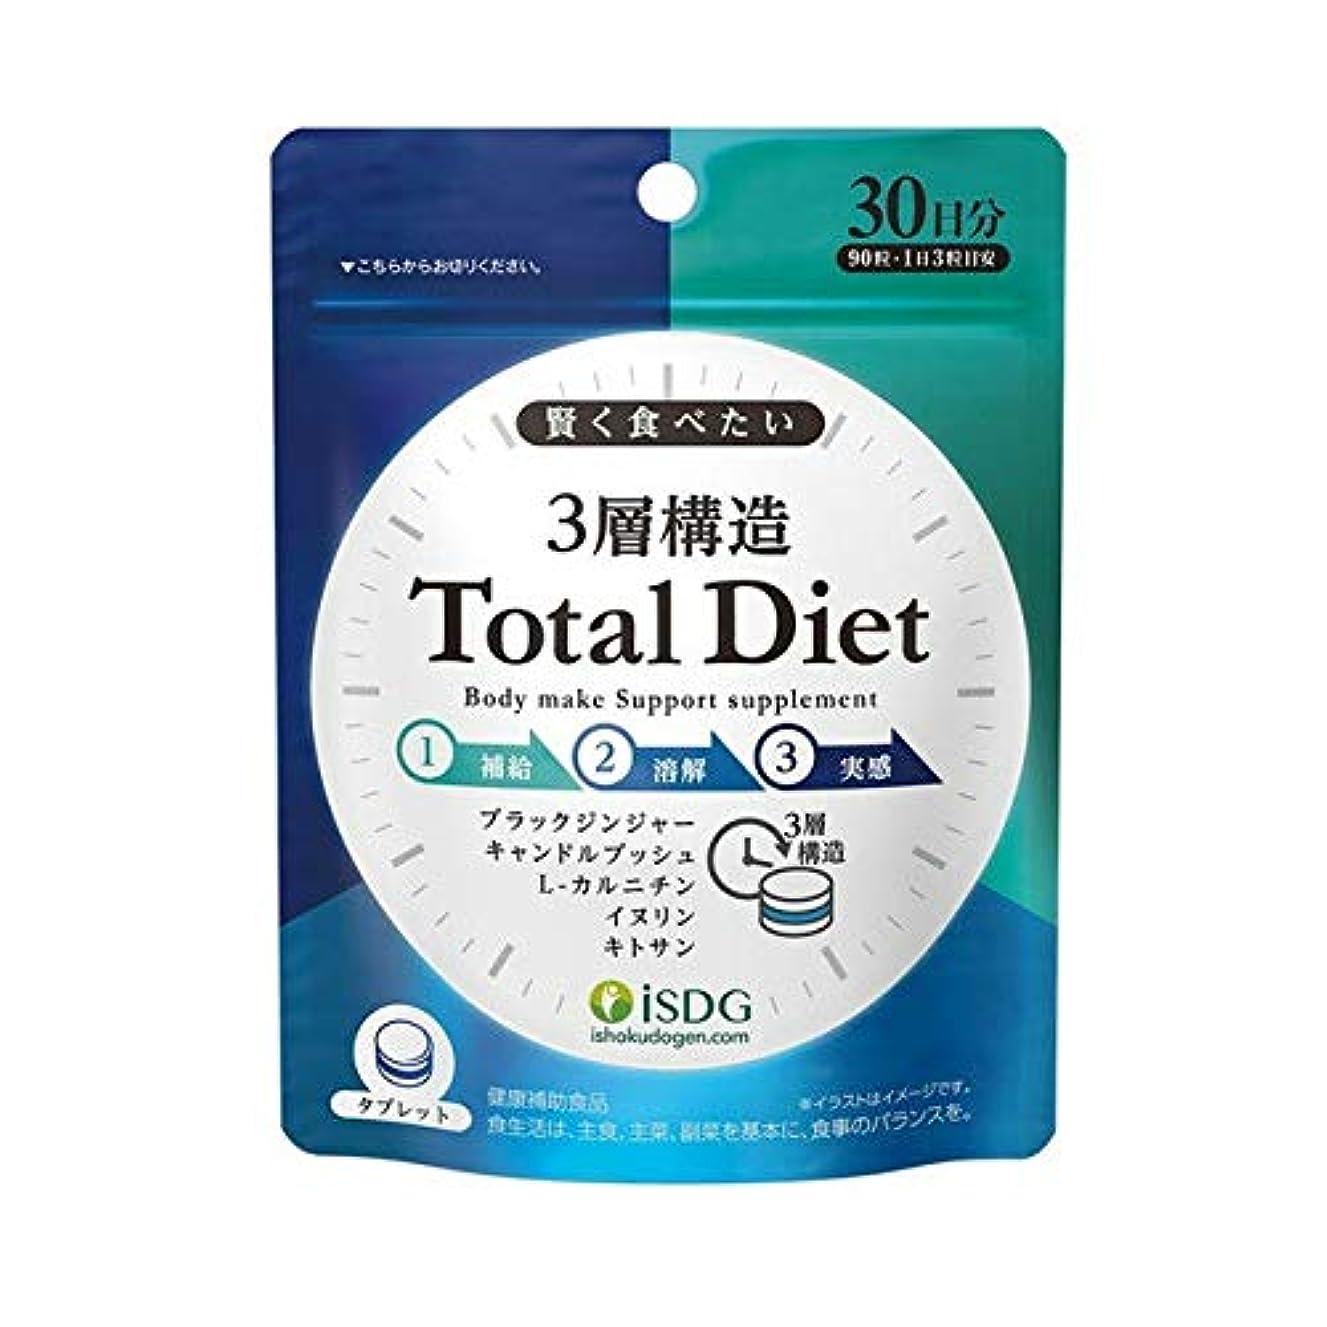 ビリー投獄シャベル医食同源ドットコム ISDG 3層構造 Total Diet 90粒入 トータル ダイエット×5個セット